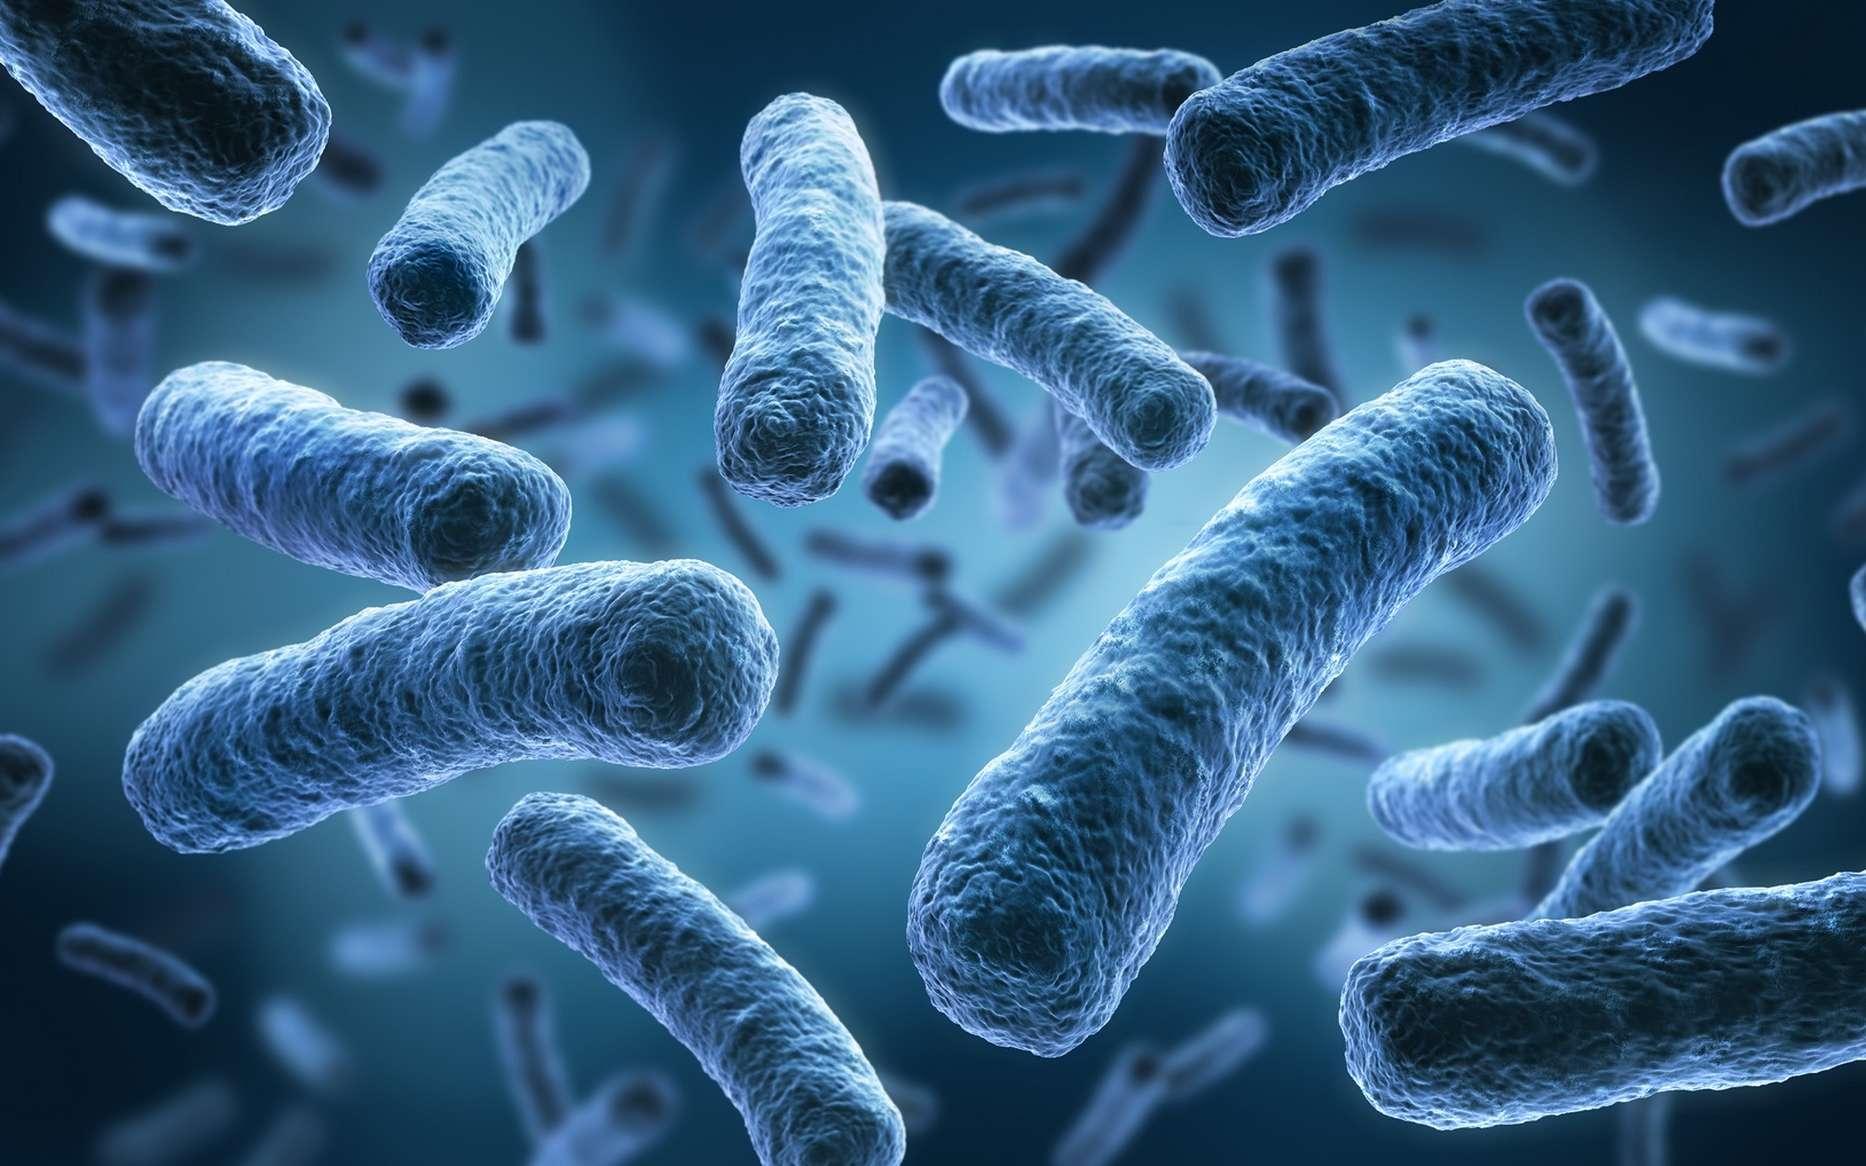 Кишечная микрофлора помогает иммунной системе бороться с герпесом